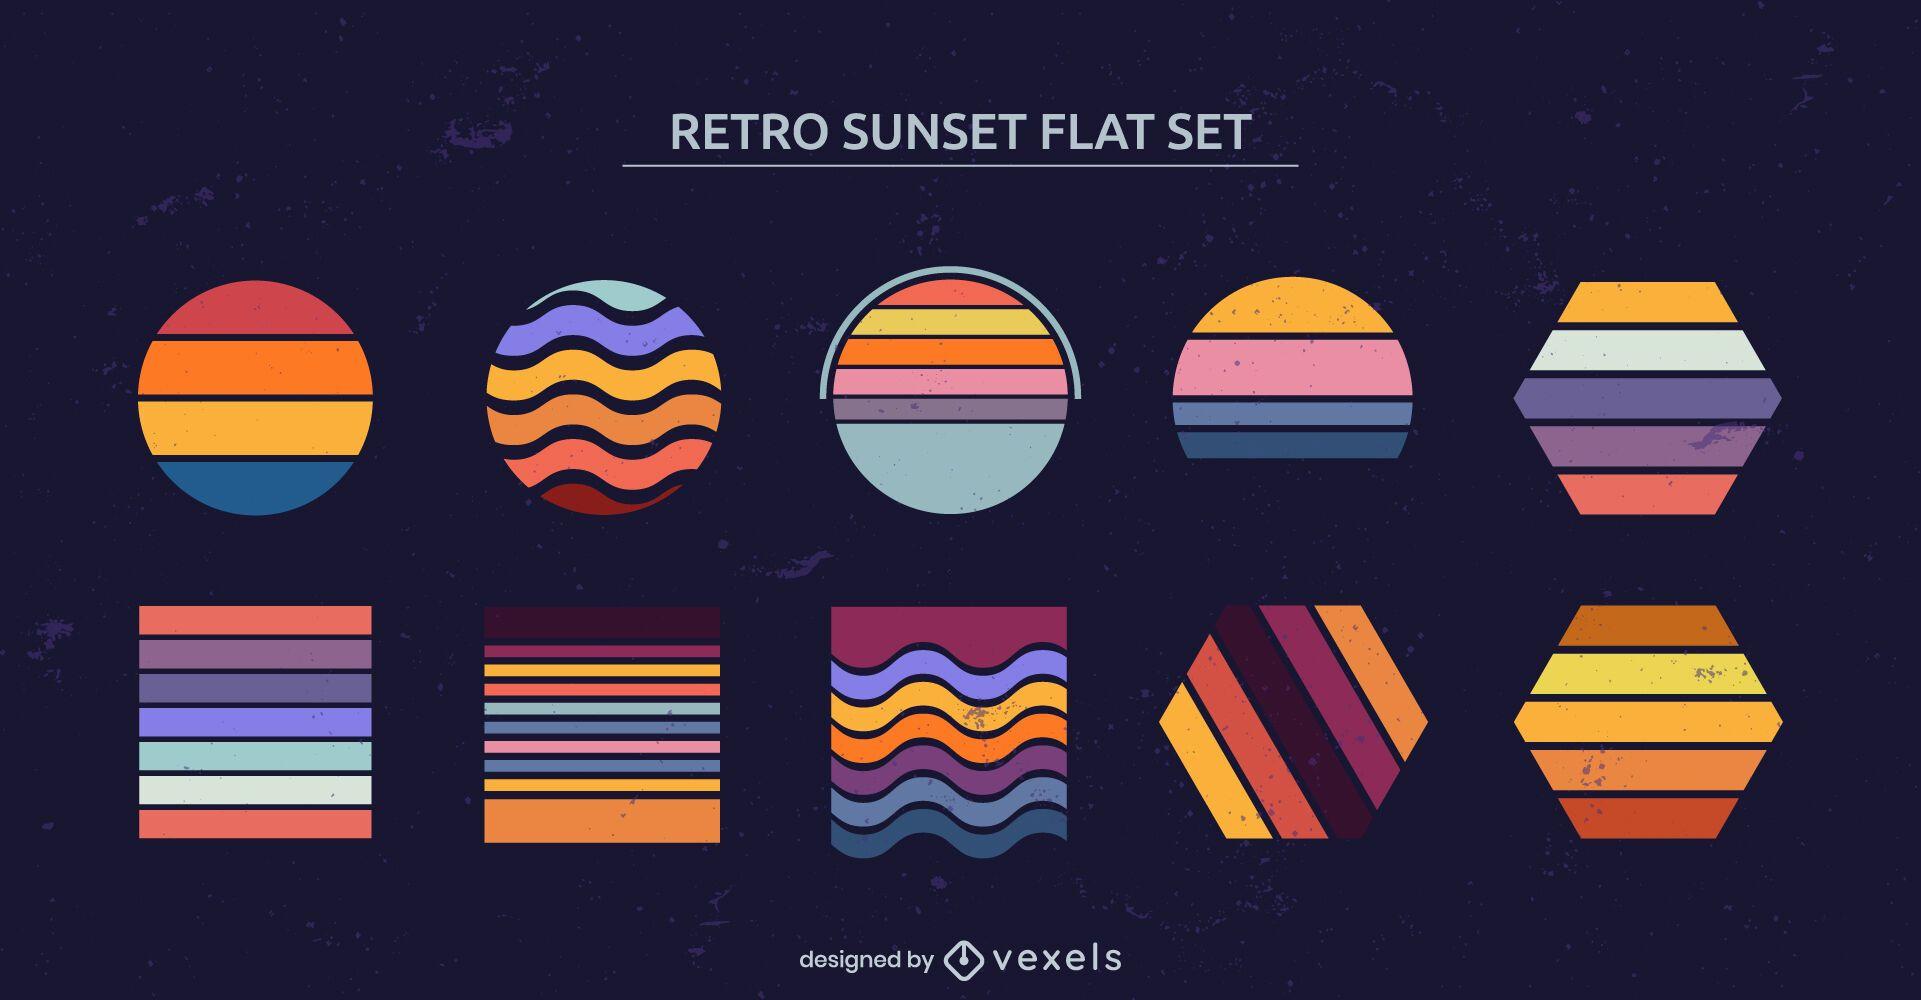 Conjunto de formas geométricas retro puesta de sol